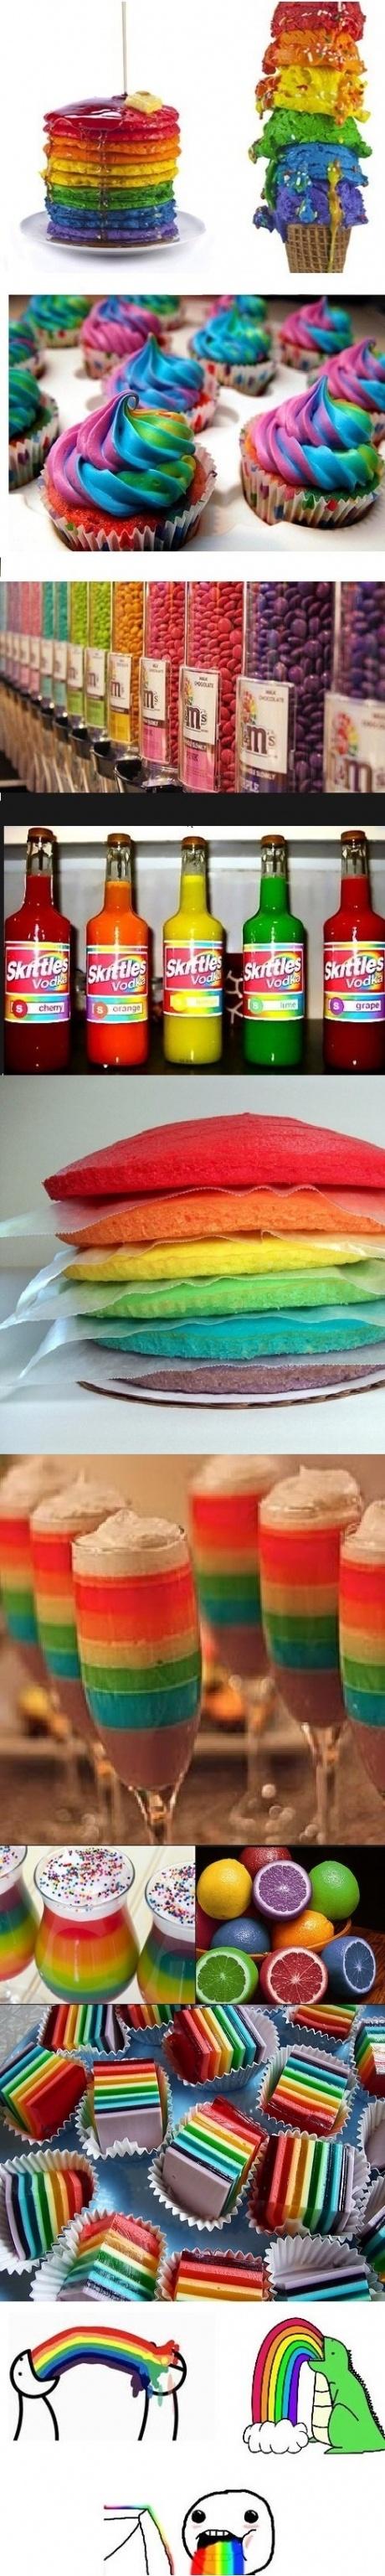 I love rainbow food...